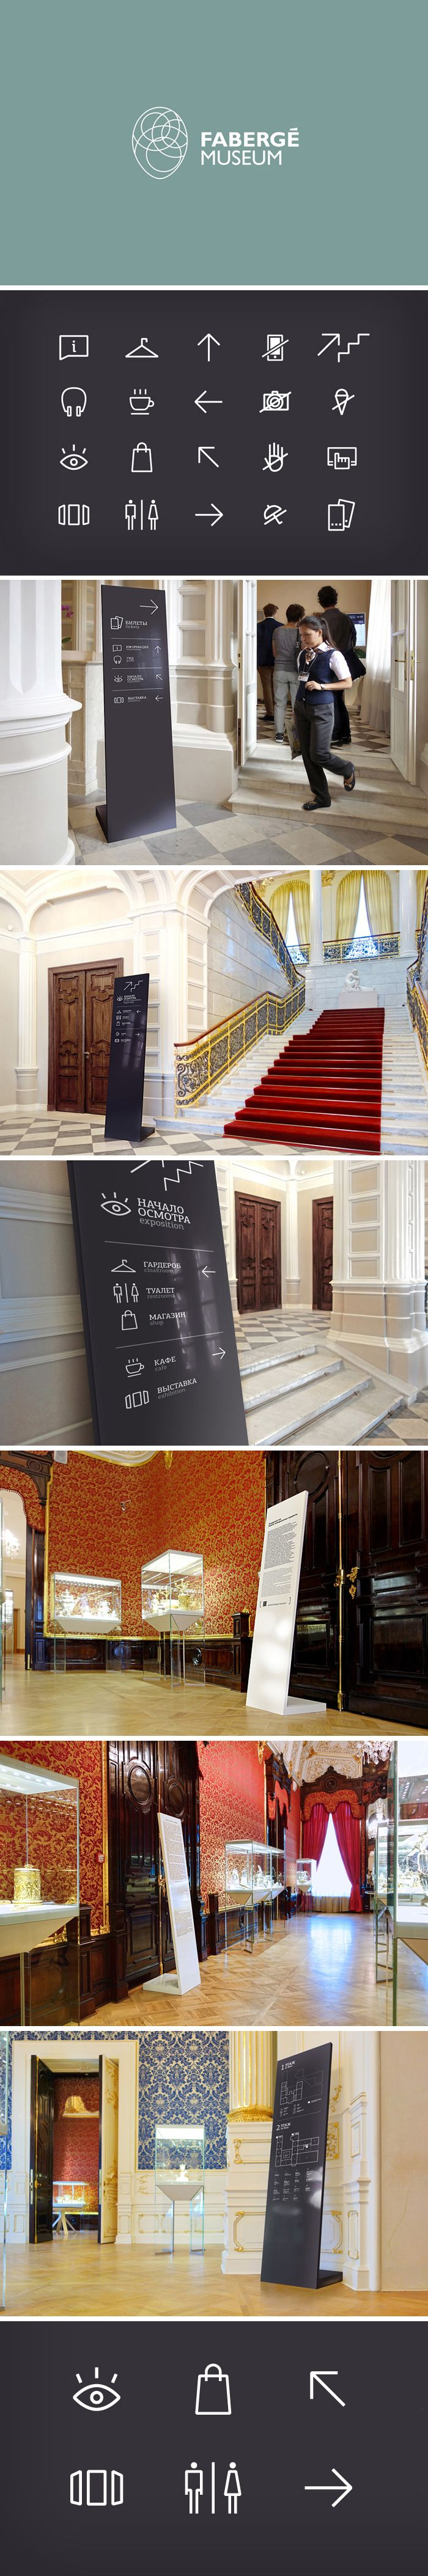 Museum Faberge signage systems. Система навигации Музея Фаберже. Дизайн пиктограмм, навигационных стендов.                                                                                                                                                                                 More